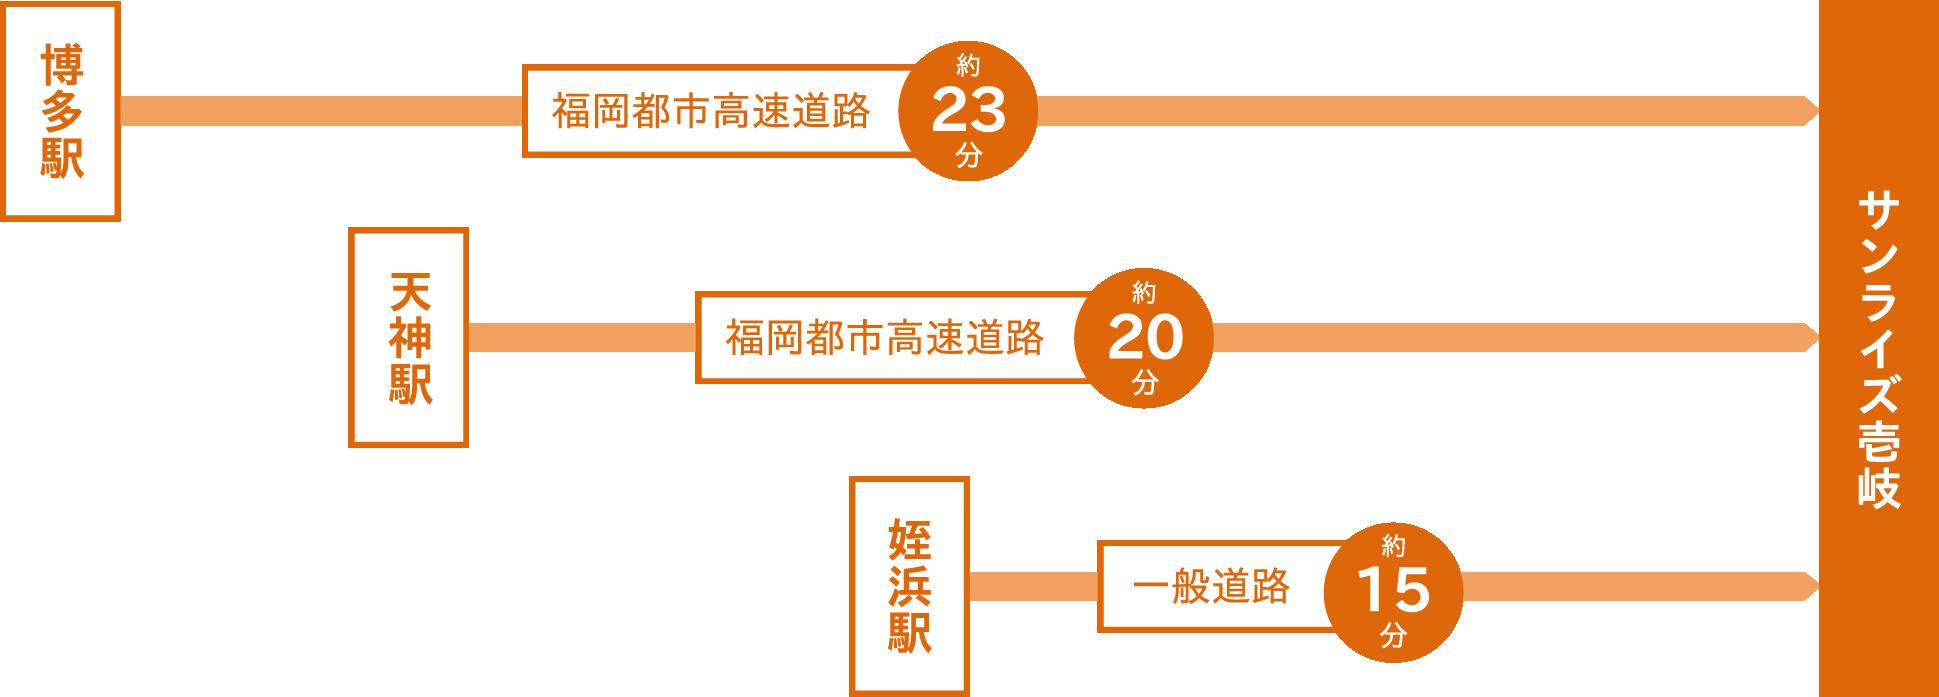 車でサンライズ壱岐までの所要時間:博多駅から福岡市都市高速道路を利用して約23分。天神駅から福岡市都市高速道路を利用して約20分。姪浜駅から一般道を利用して約15分。